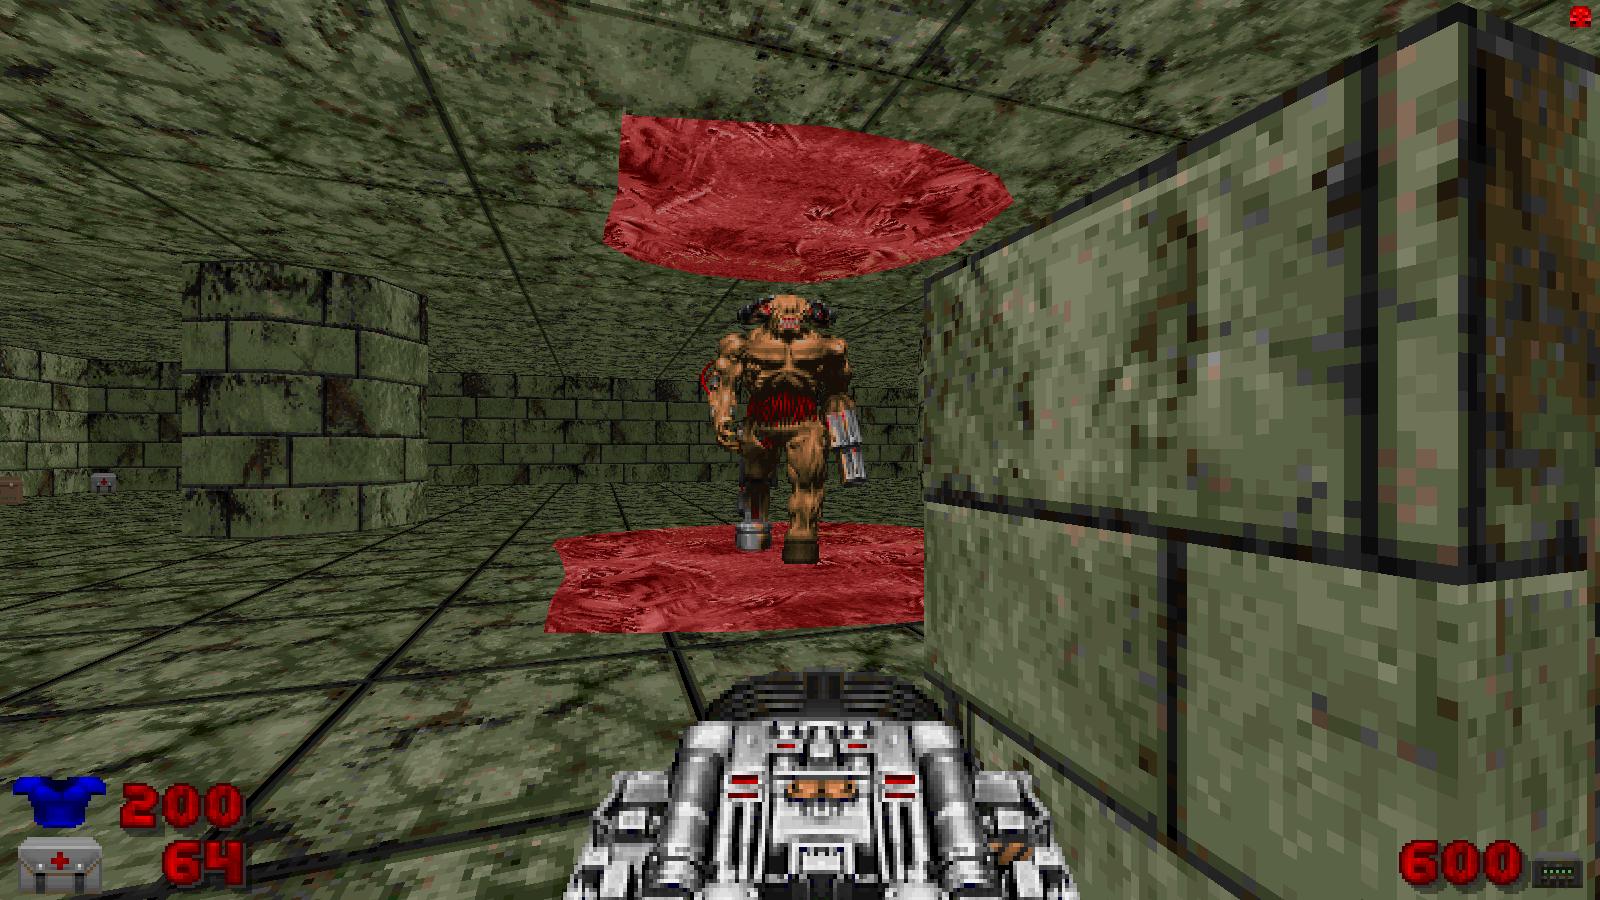 Screenshot_Doom_20190504_031016.png